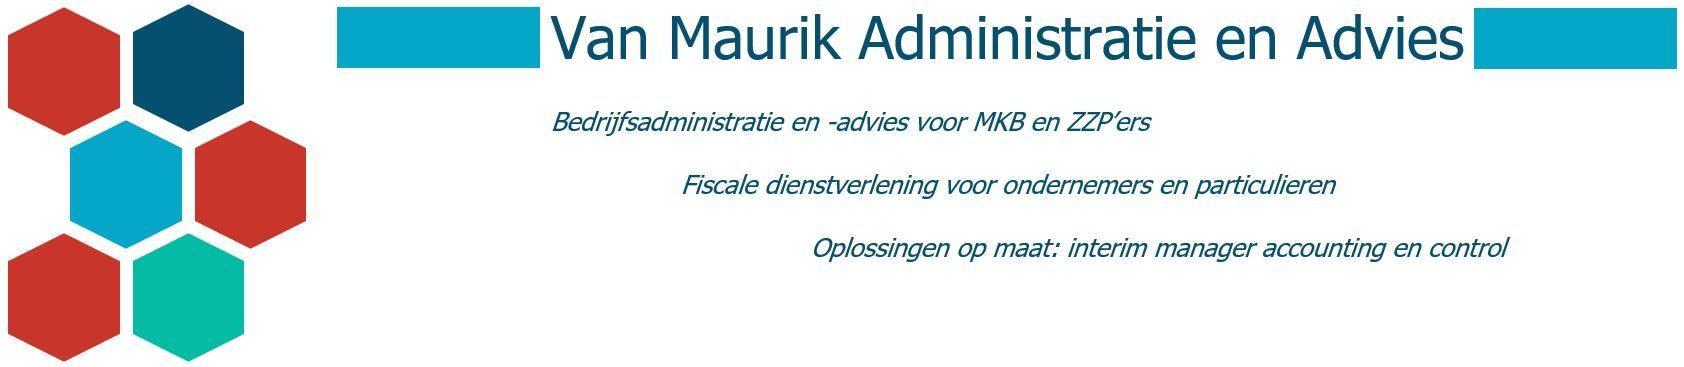 Van Maurik Administratie en Advies